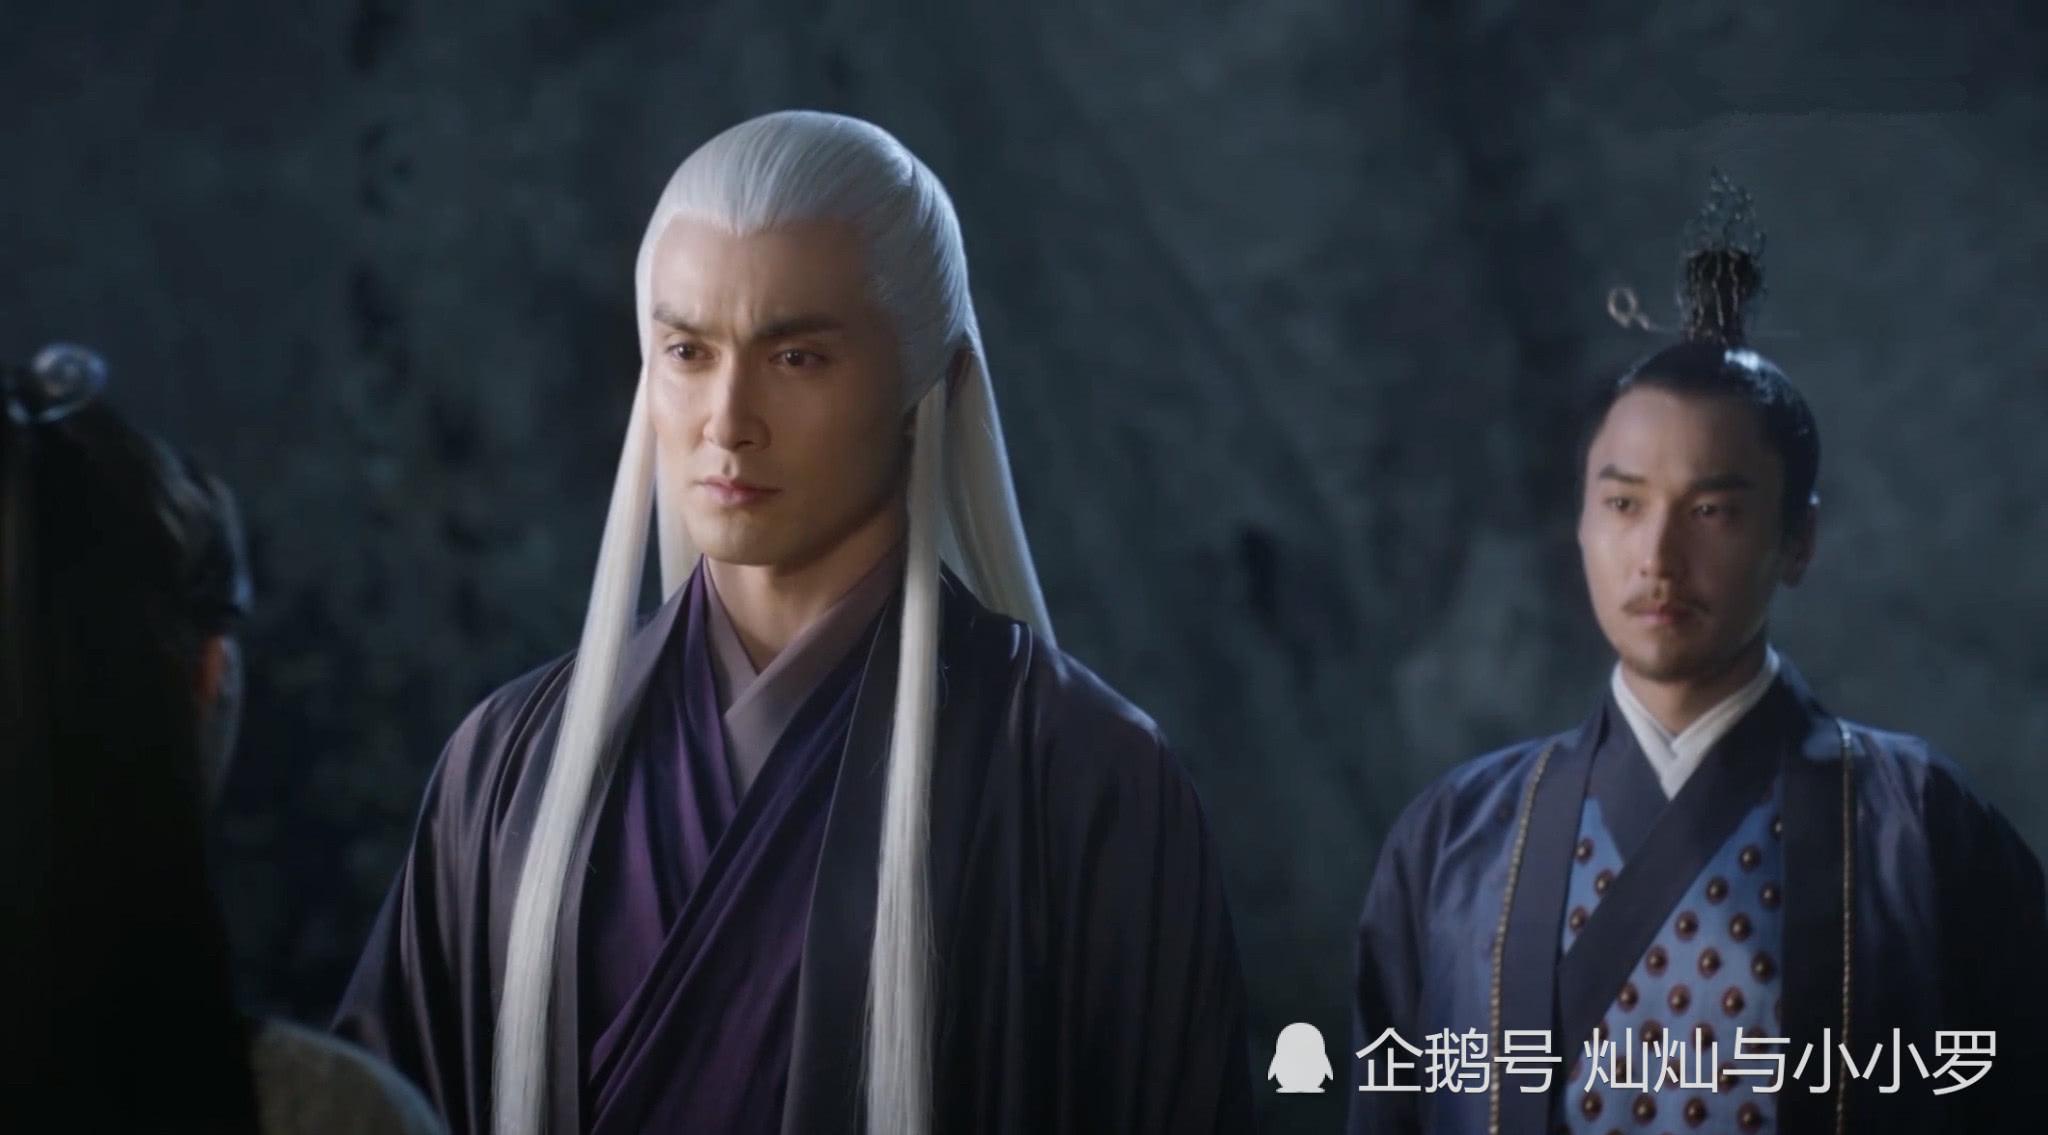 三生三世:明知凤九是青丘帝姬,帝君为何还要留她在太晨宫做婢女